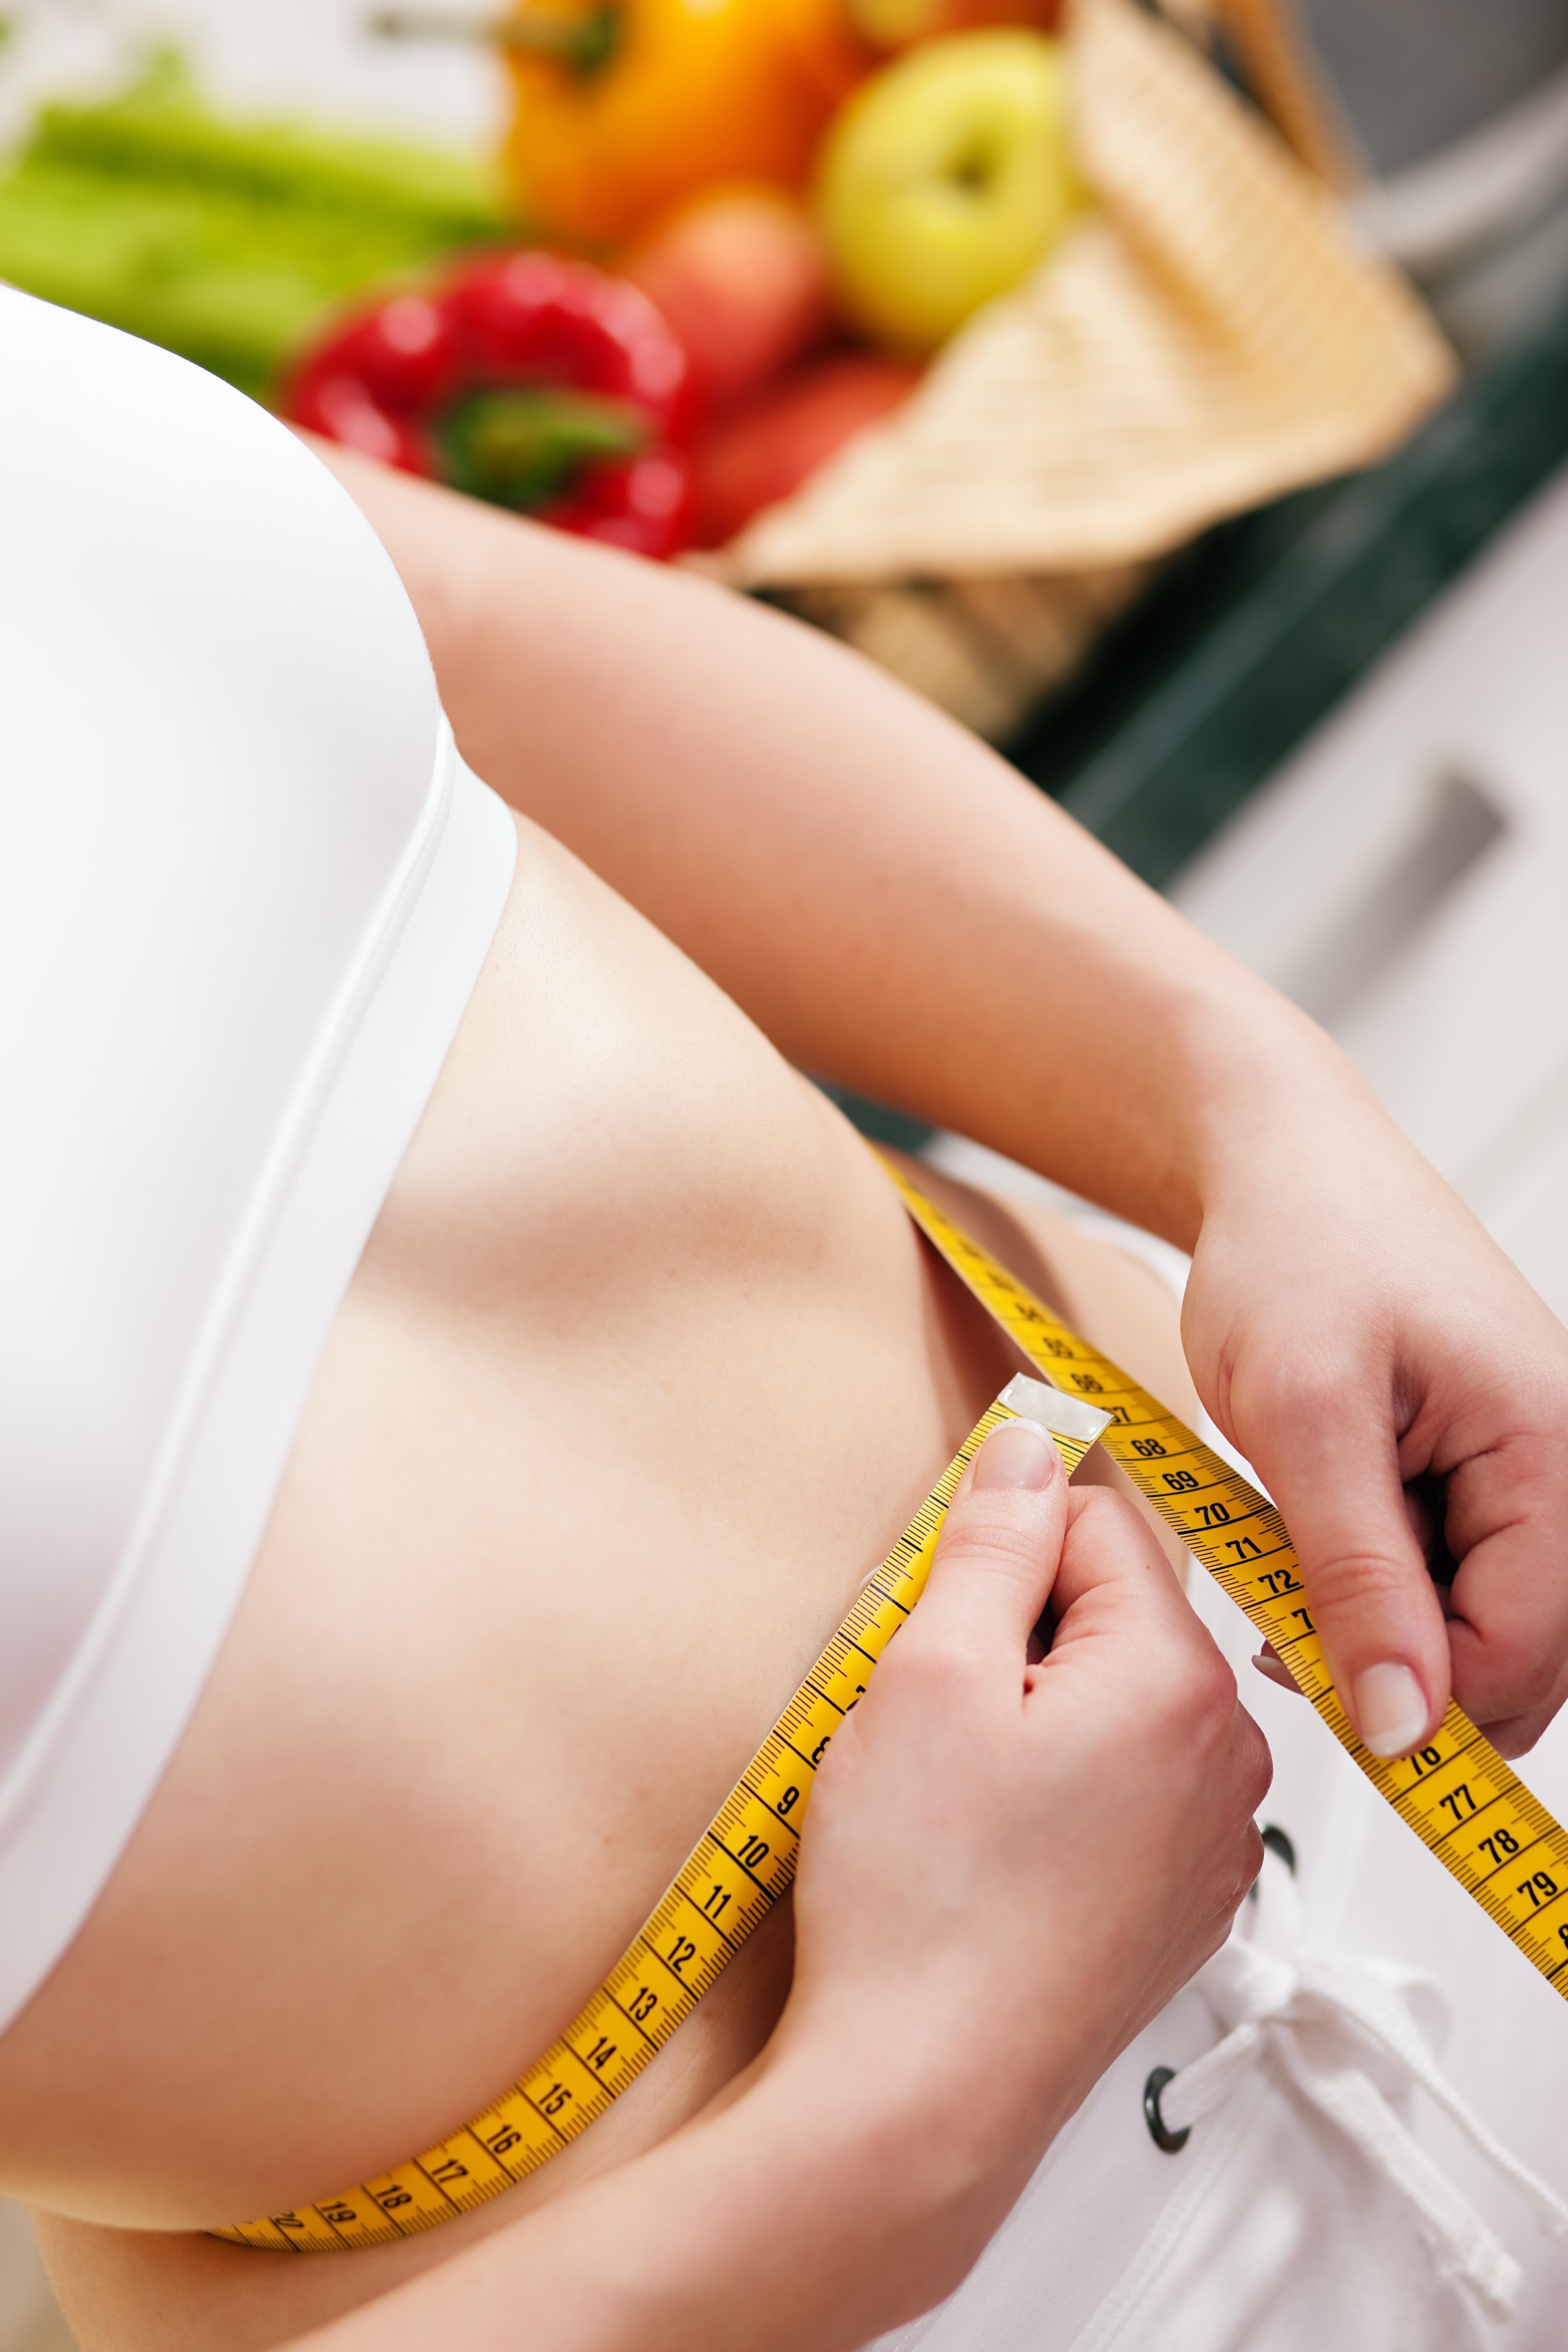 gewichtszunahme durch stoffwechselstörung